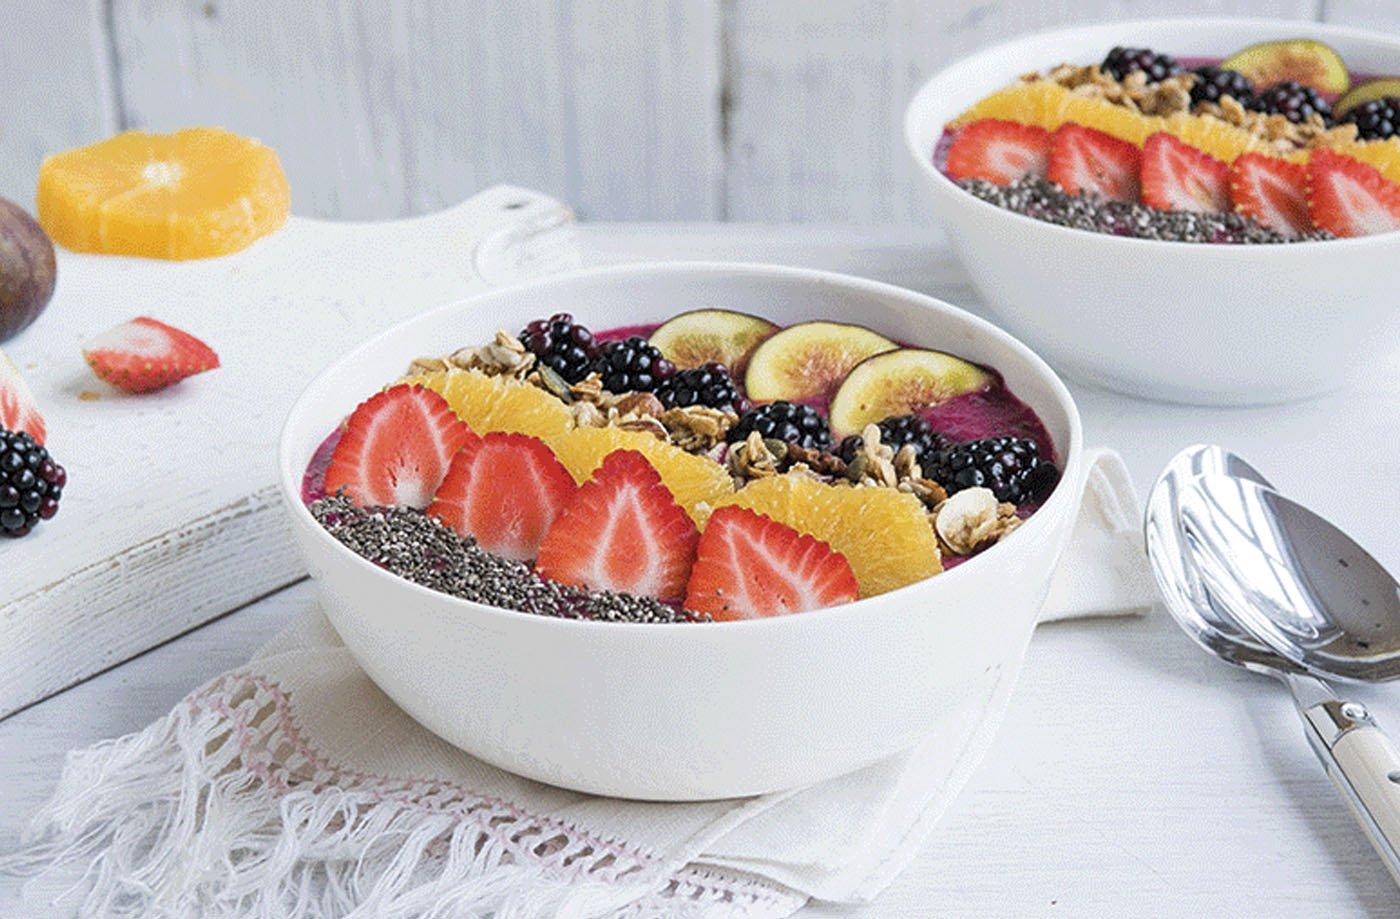 rfo-smoothie-bowl-1400x919-e59241b1-3fec-480c-84dd-bbce30807c08-0-1400x919